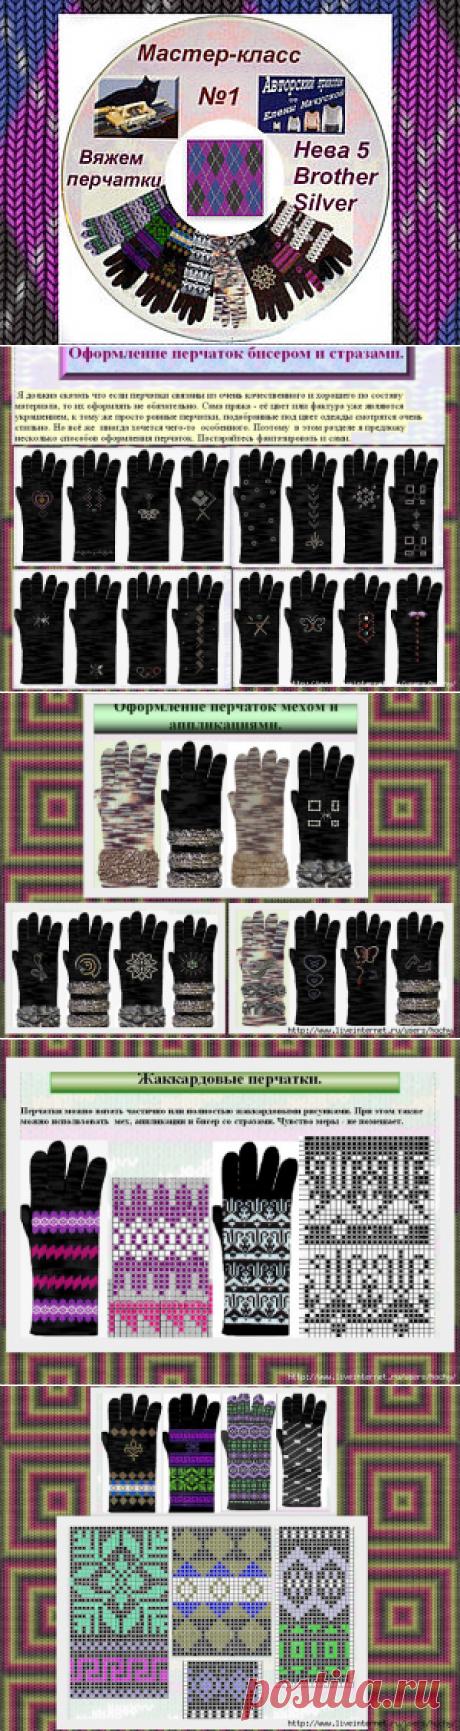 Вяжем перчатки на Однофантурной машине